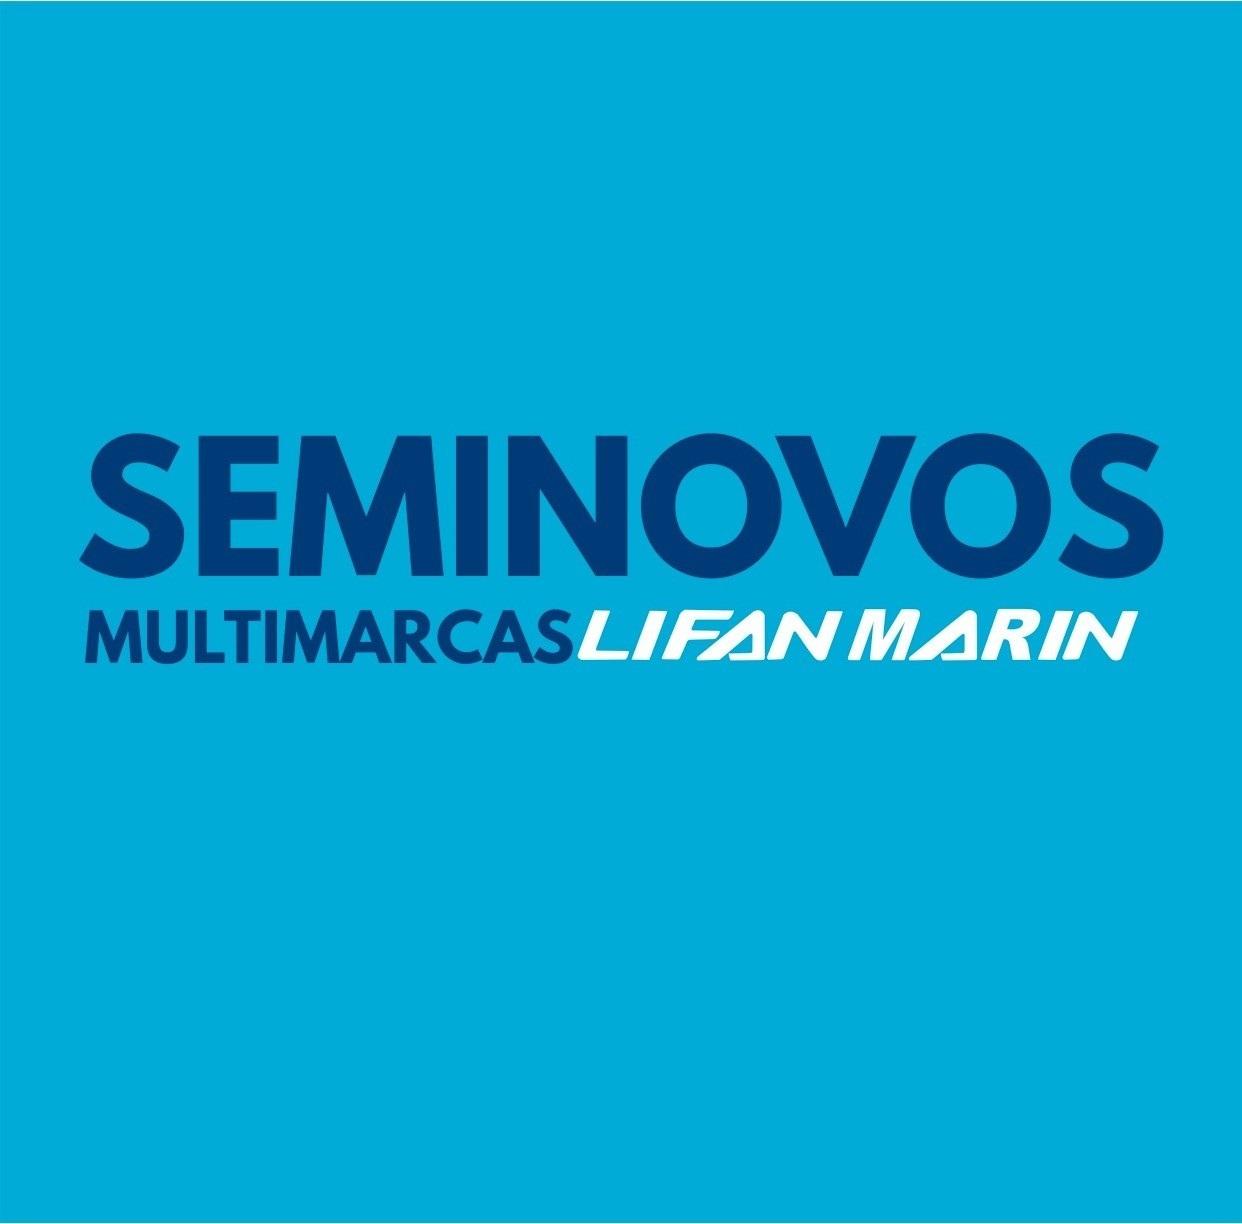 Lifan Marin